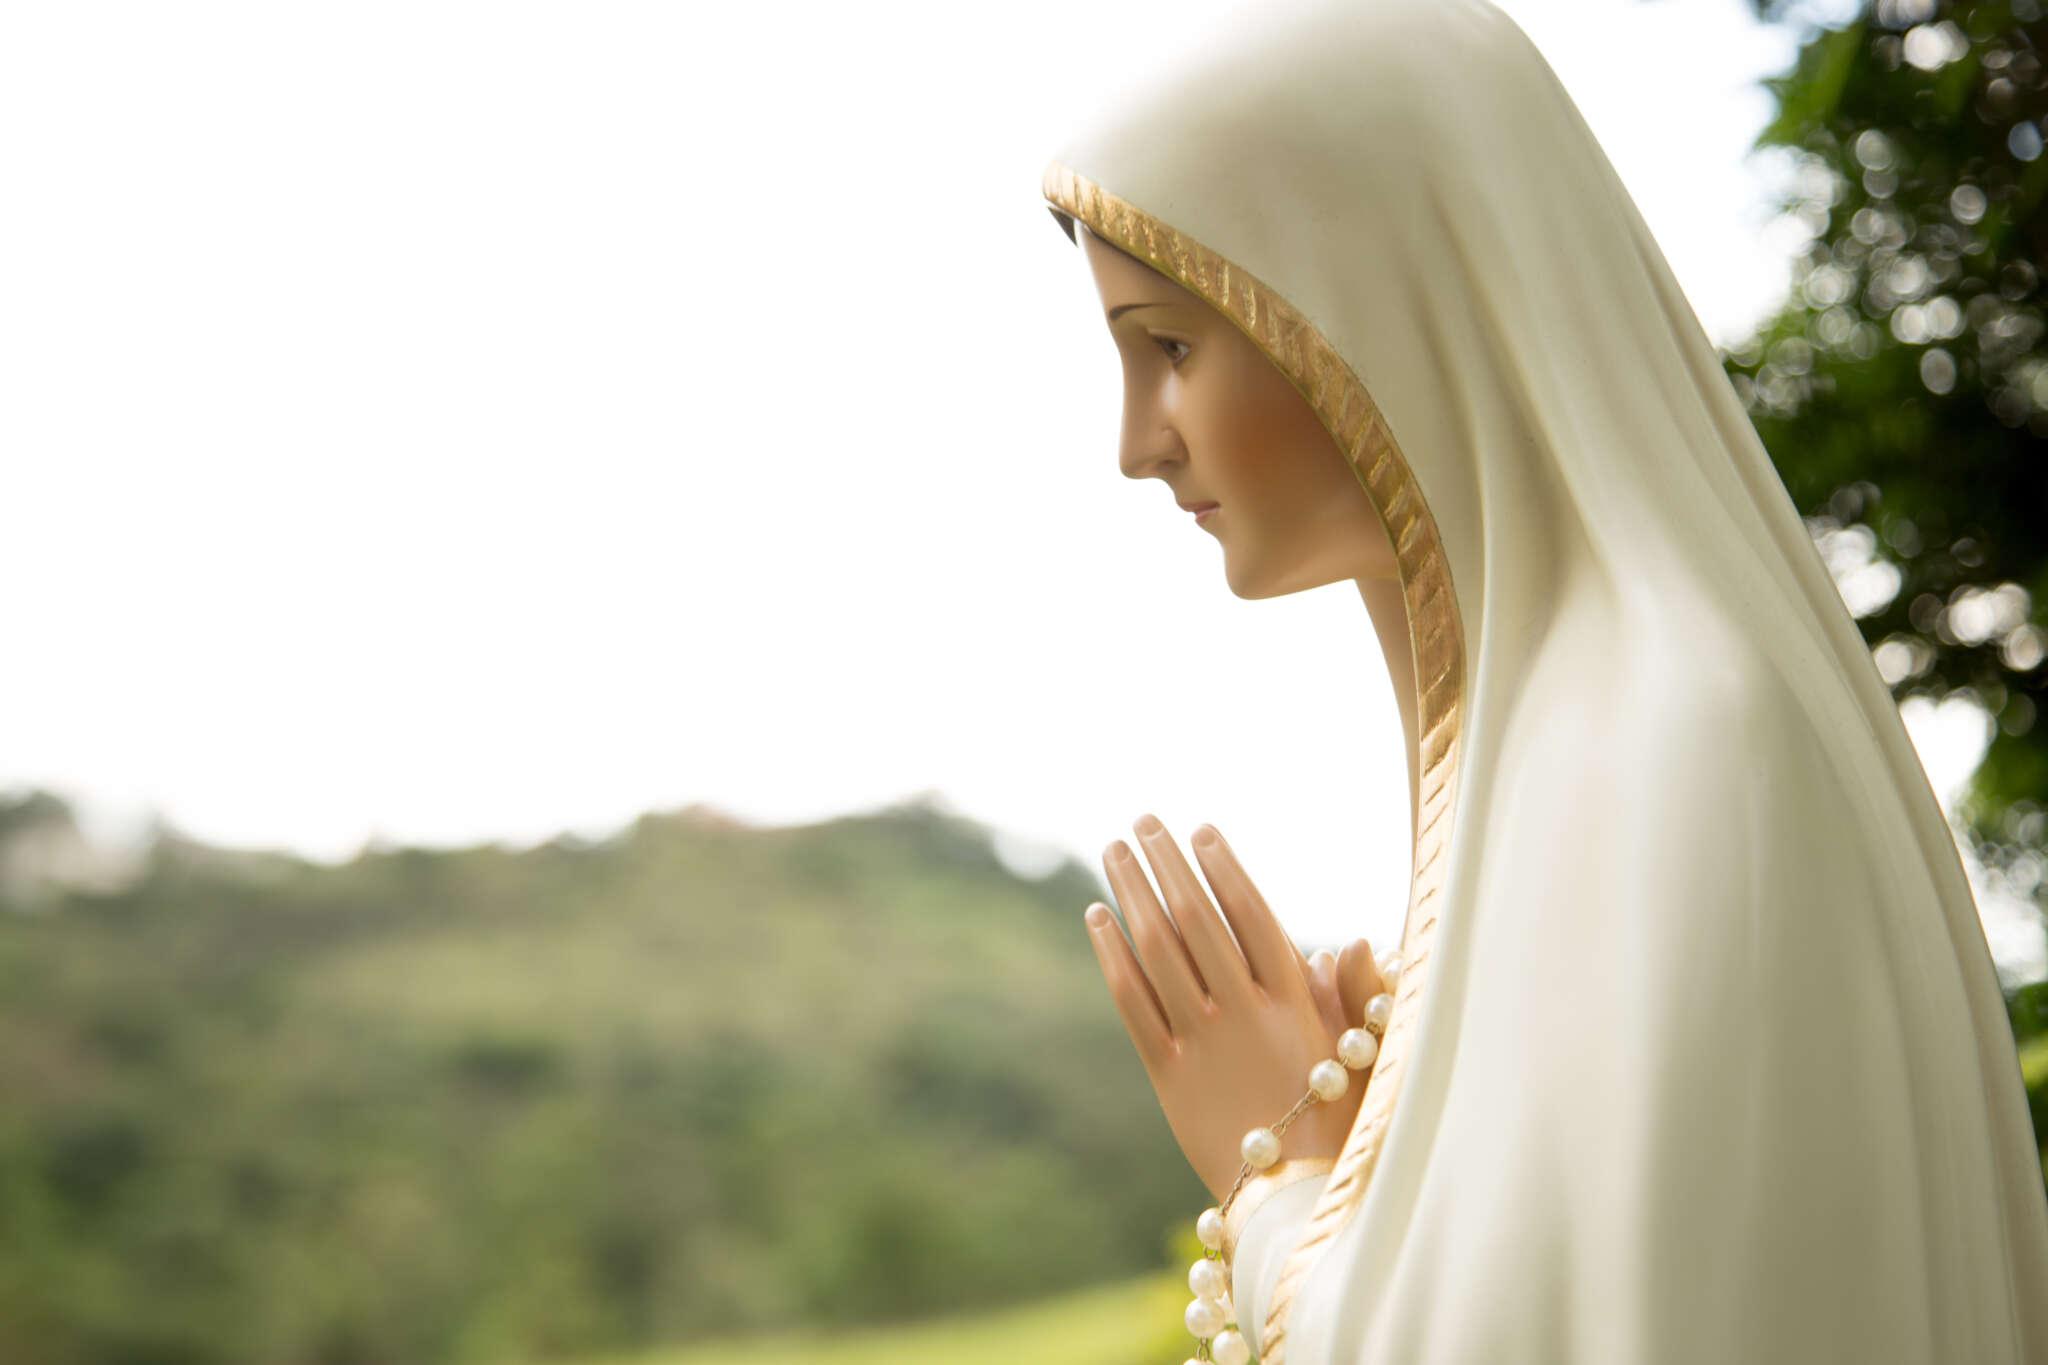 Los agustinos se unen a la oración convocada por la Conferencia Episcopal para rezar por los religiosos fallecidos por Covid-19, el 21 de noviembre.